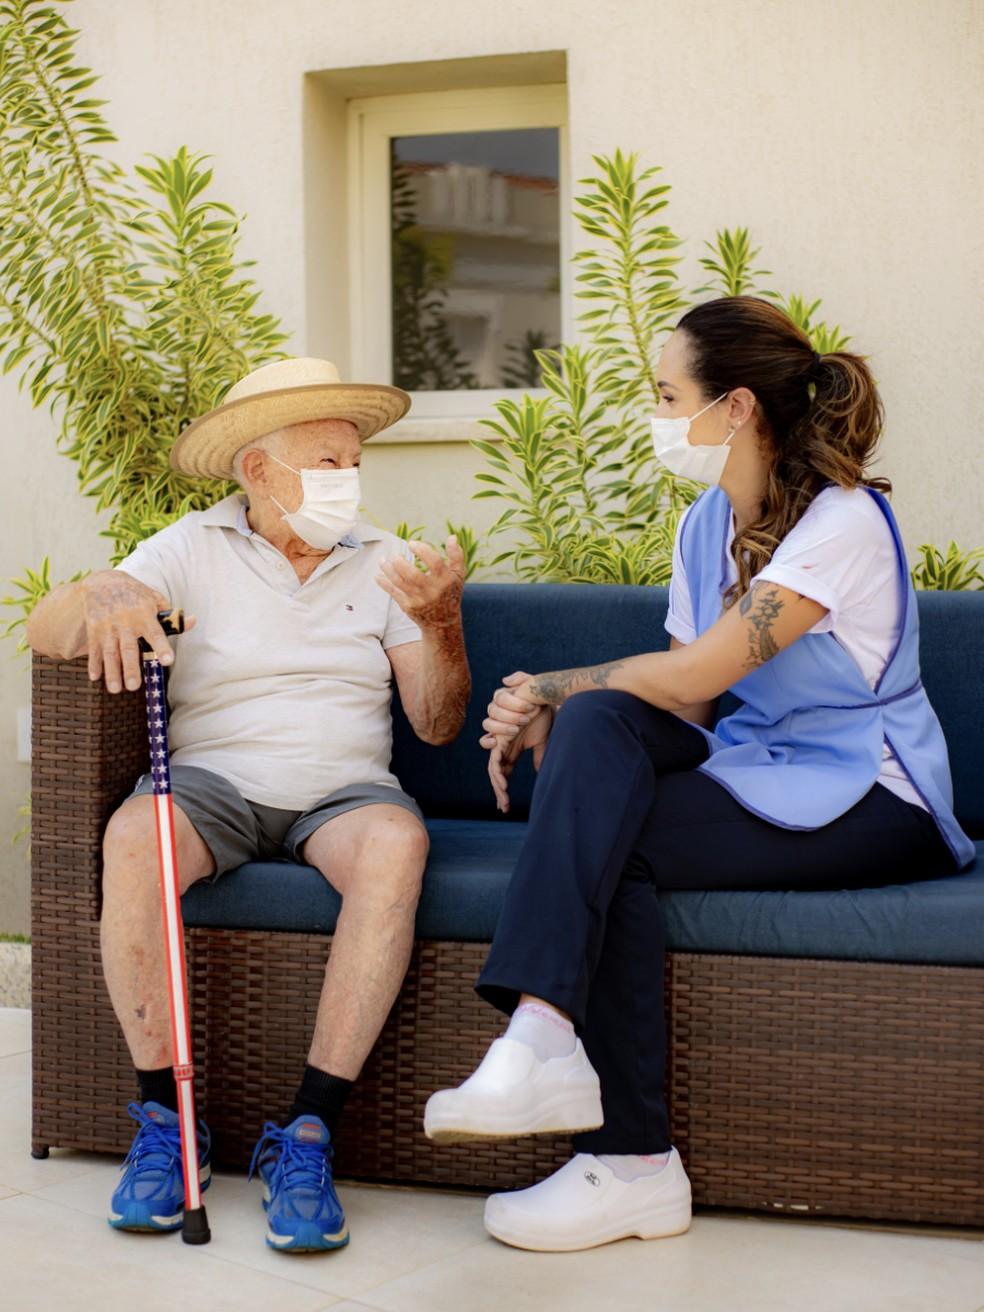 Profissionalização do cuidador de idosos: conhecimento e noções de primeiros socorros são fundamentais. — Foto: Crédito: Matheus Machioni